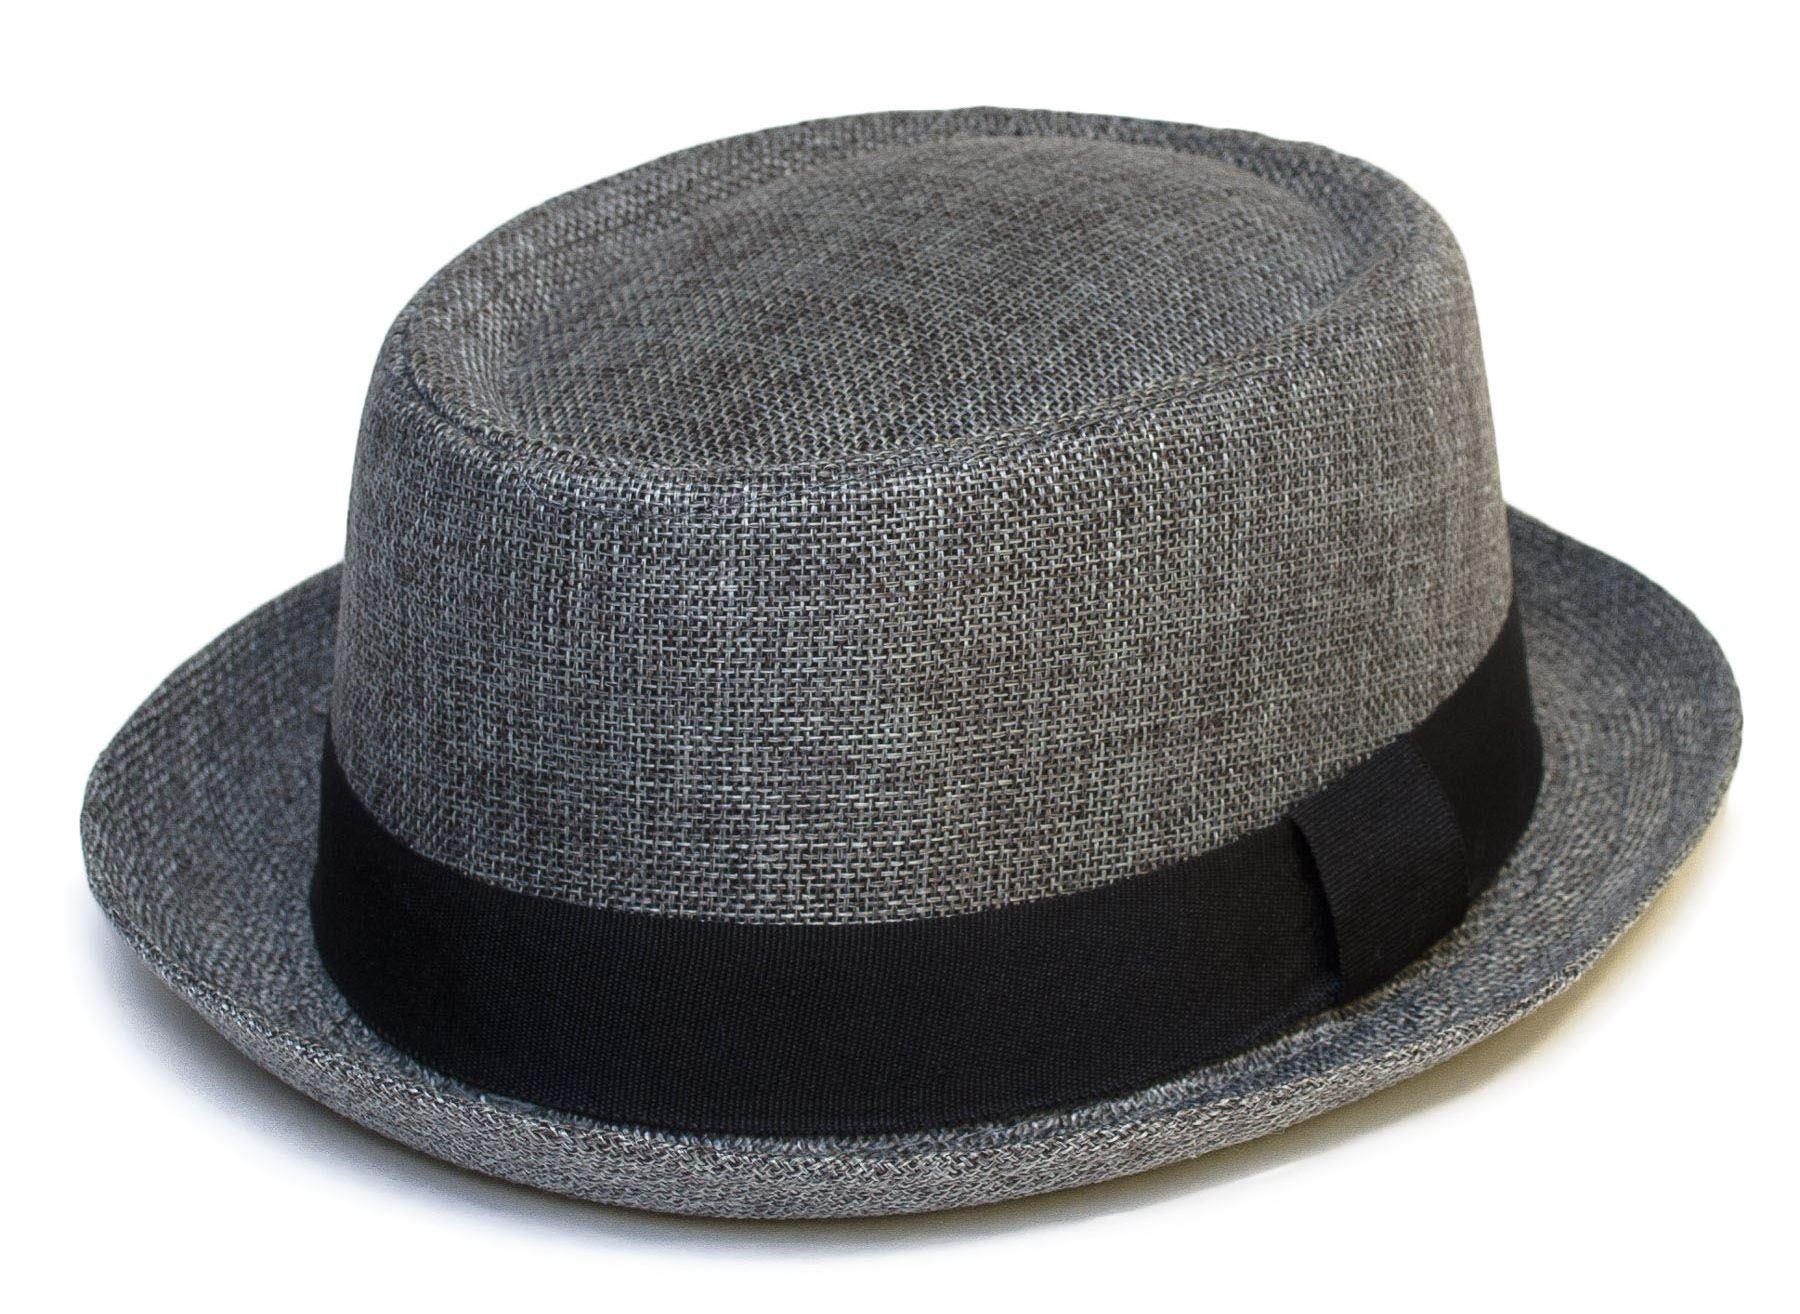 Sombreros para hombres  guía de estilo - Gustavo Moscoso f3812cd6eb4